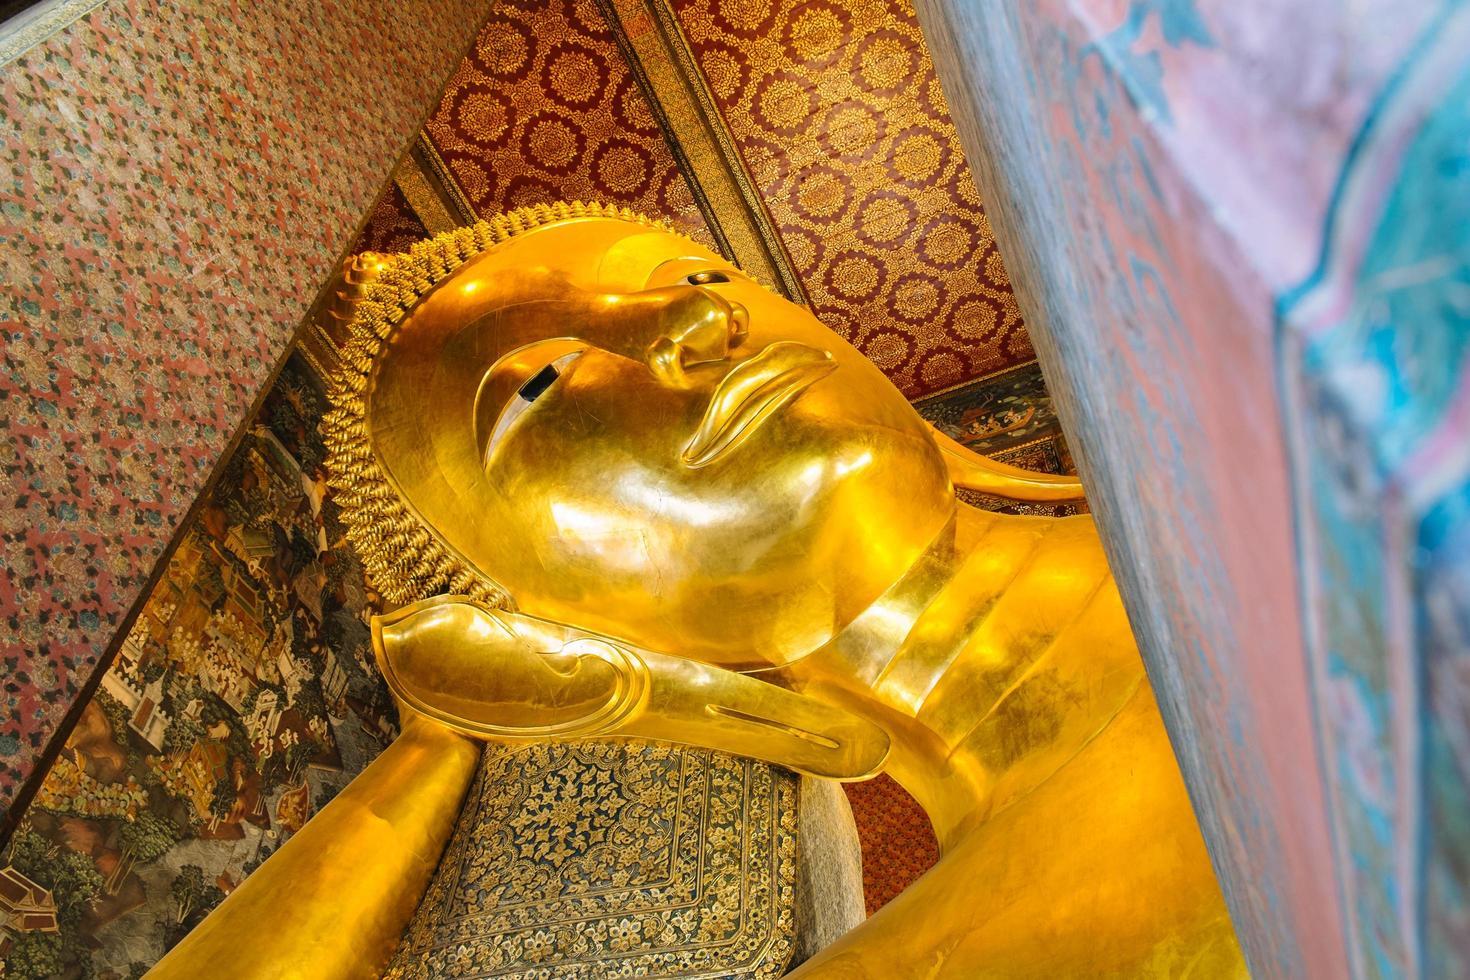 estátua gigante de Buda reclinado dourado foto